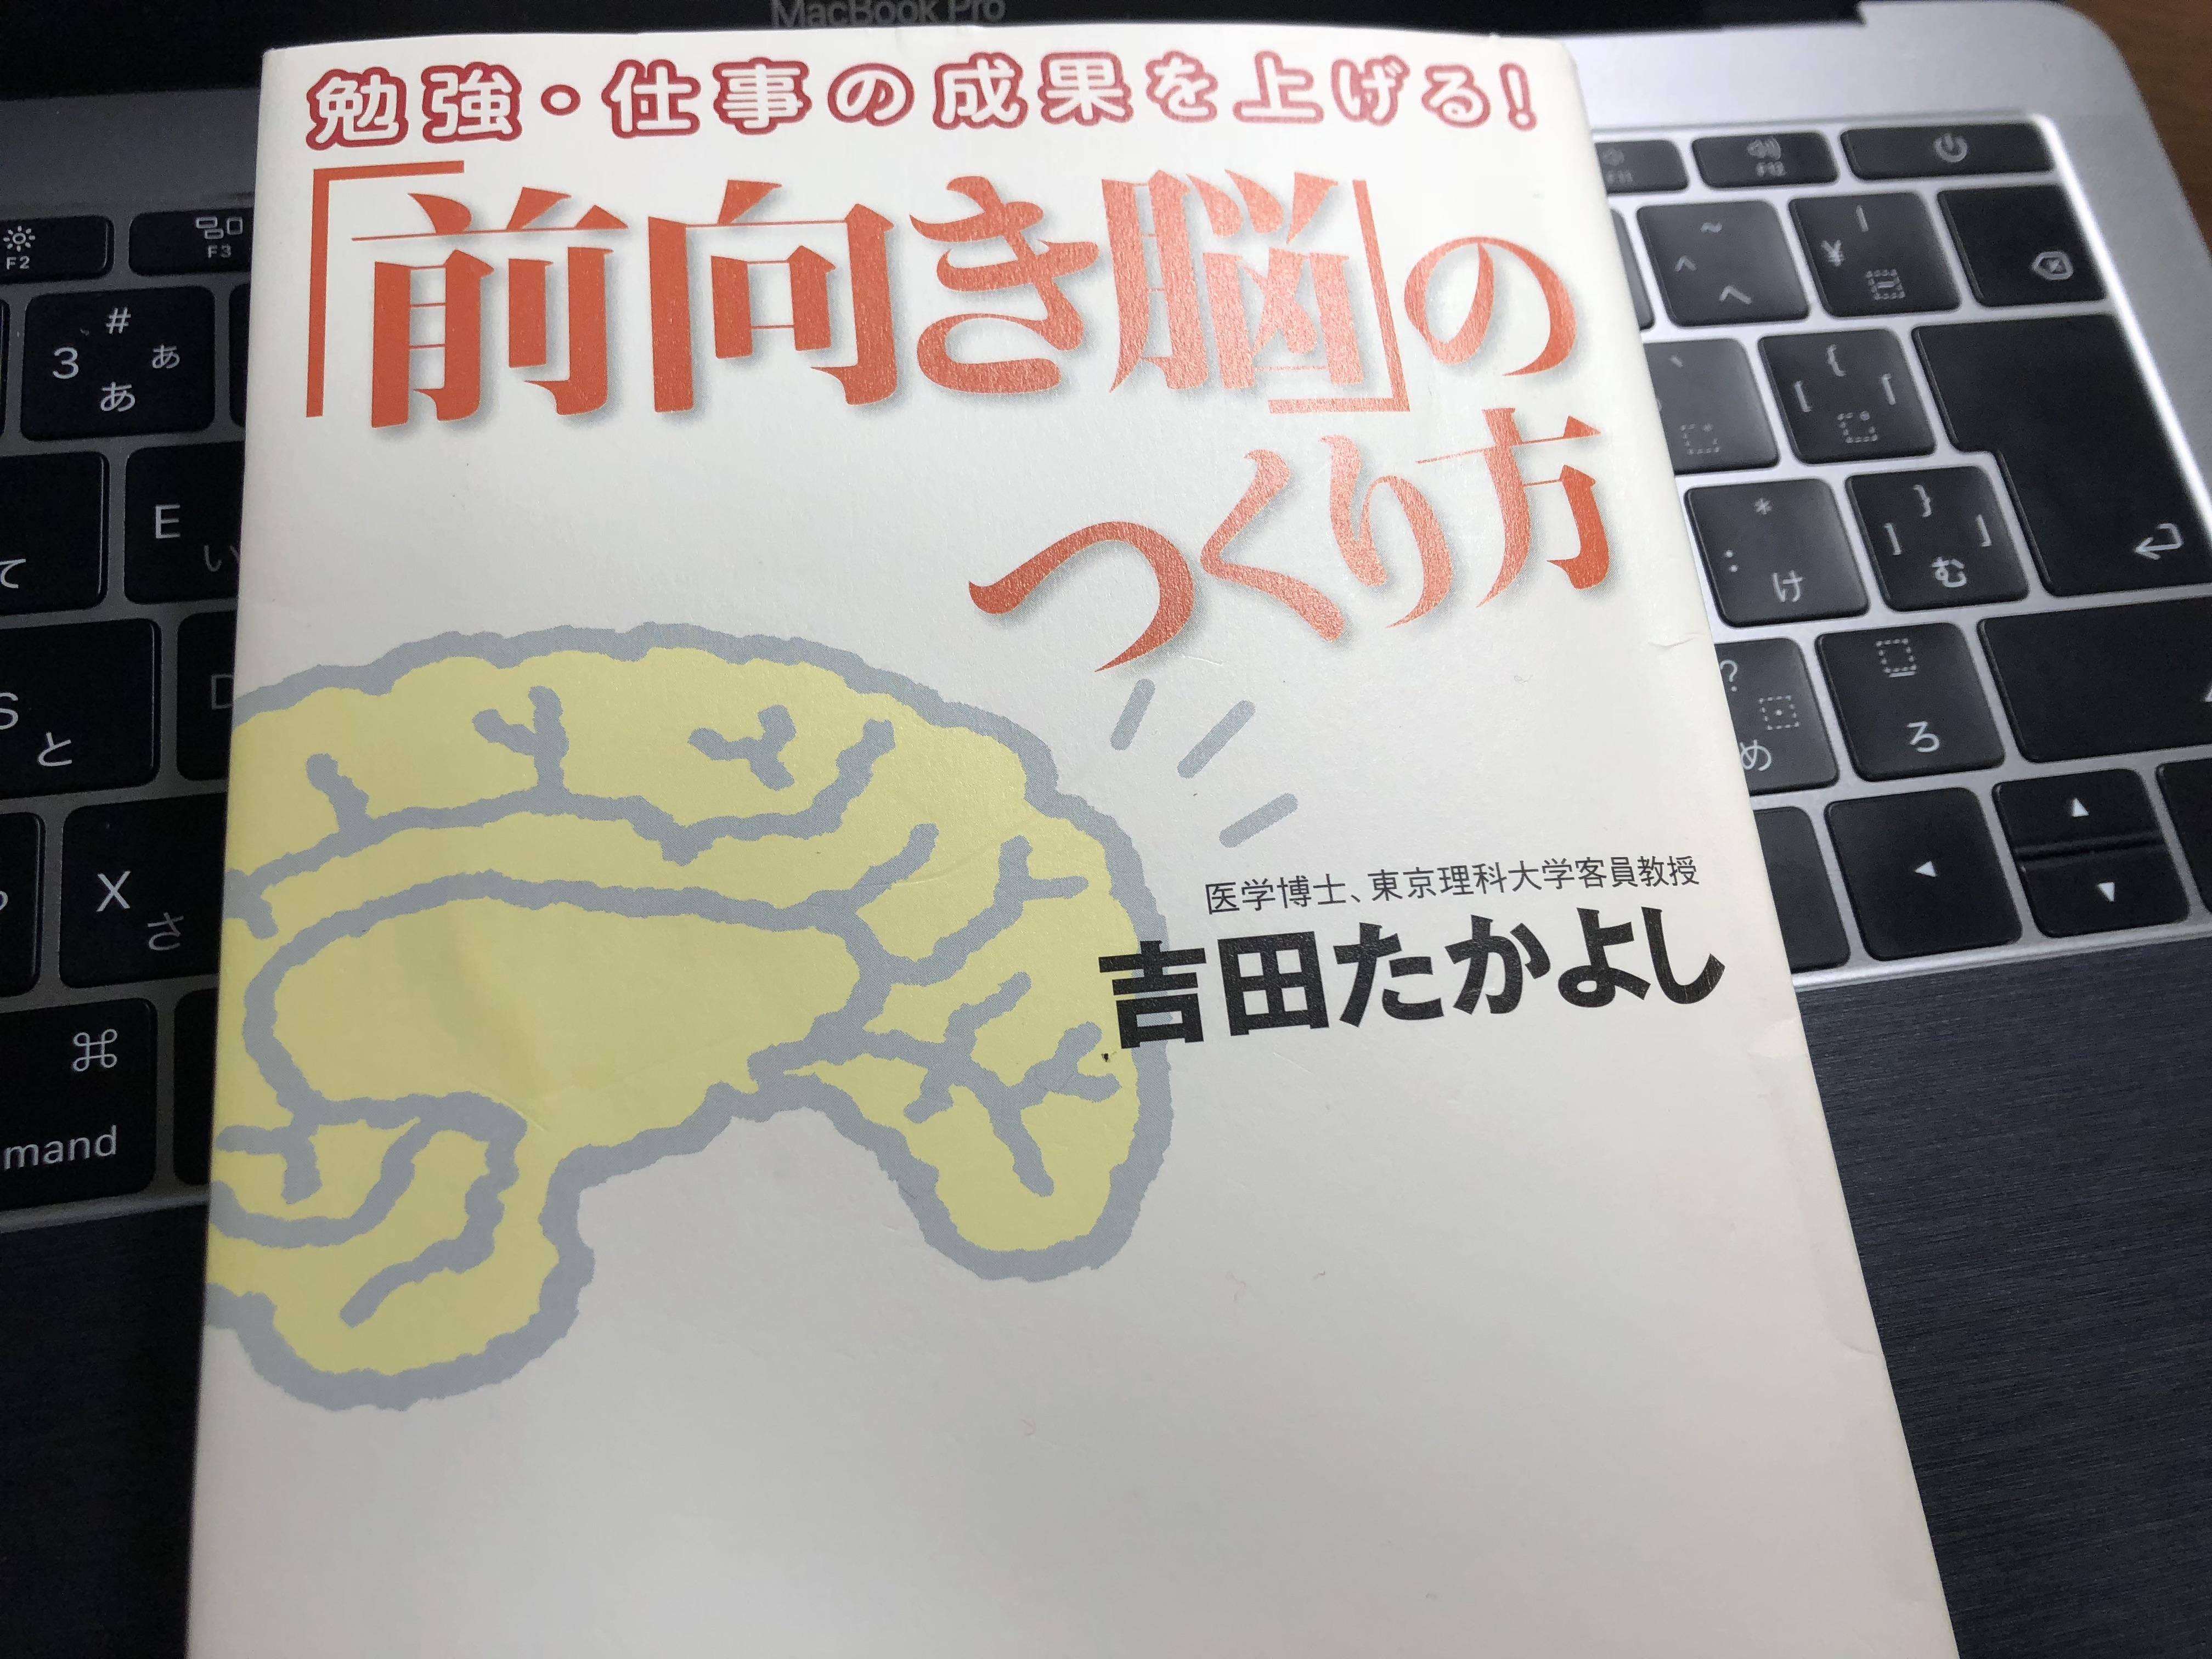 前向き脳のつくり方 吉田たかよし